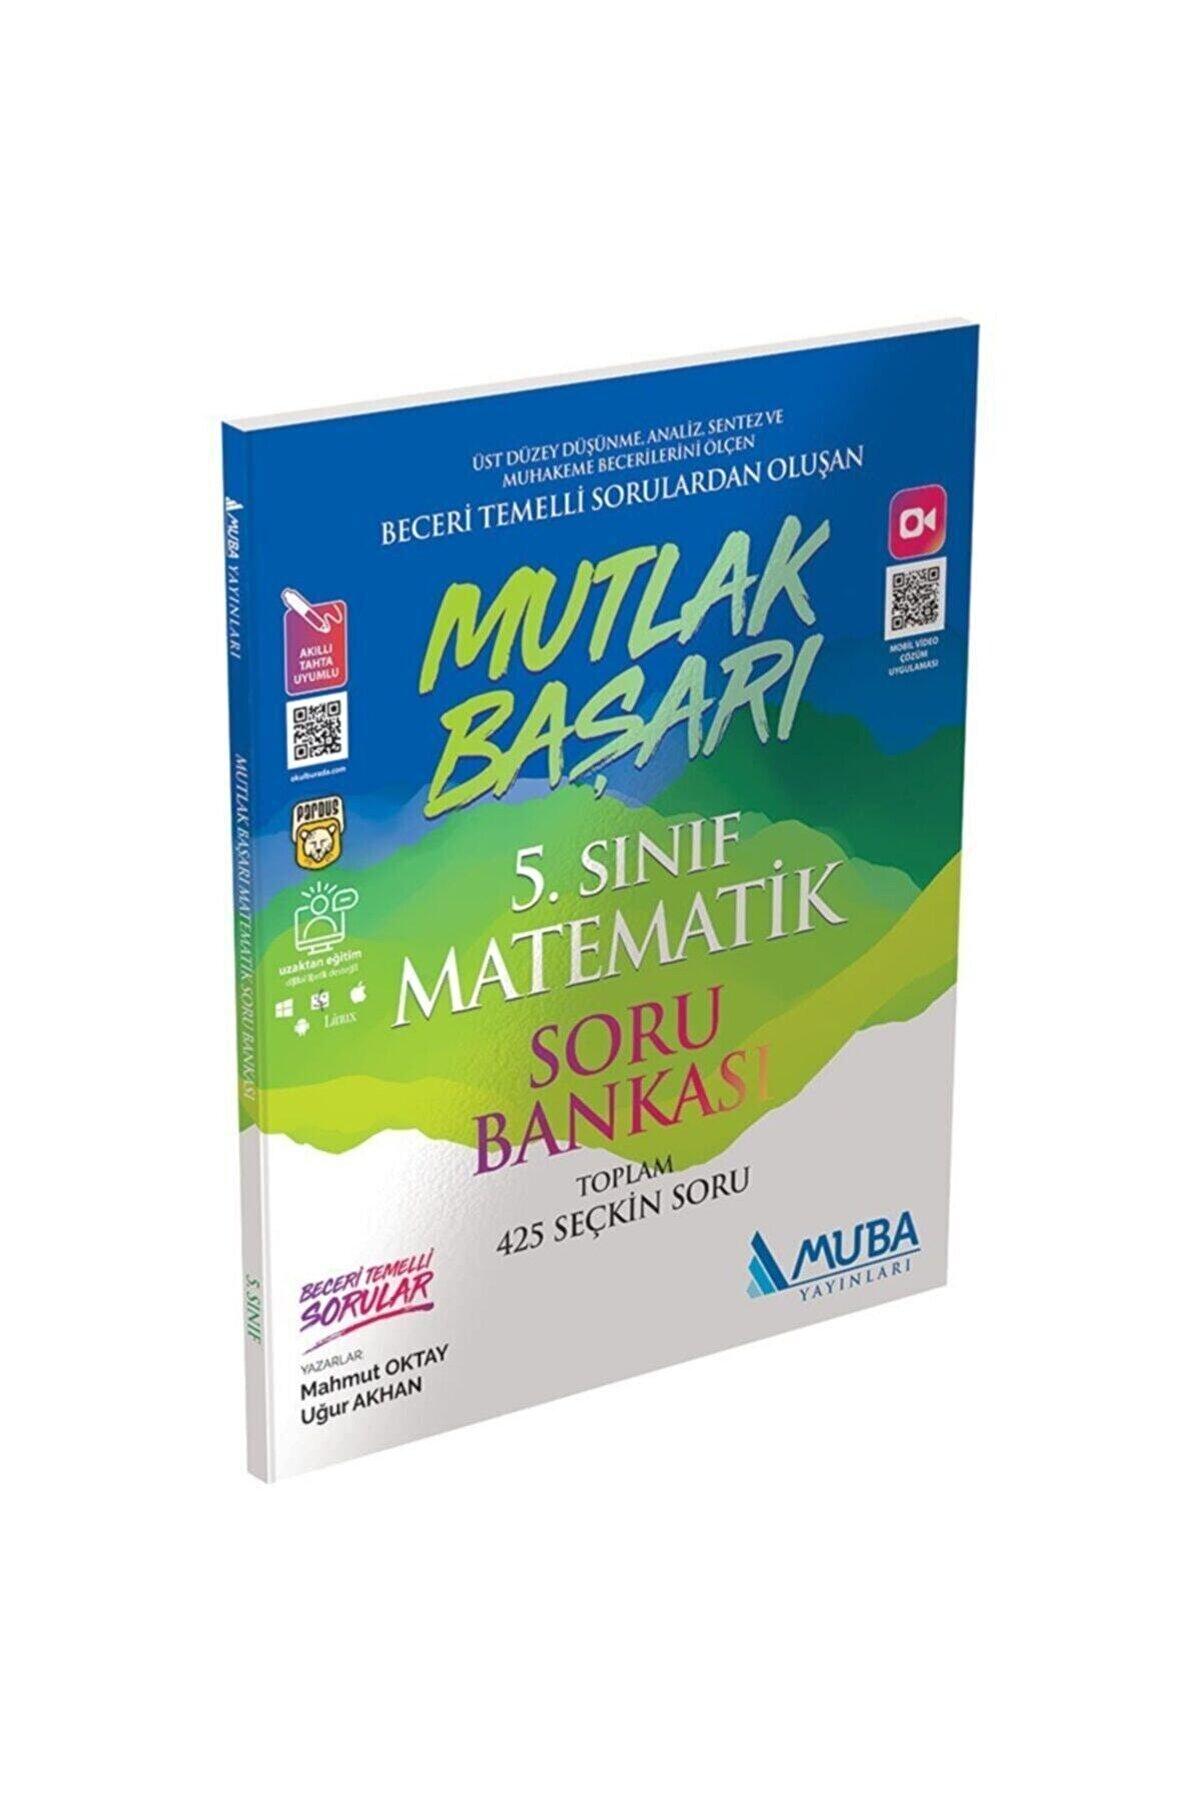 Muba Yayınları Muba Mutlak Başarı 5.sınıf Matematik Soru Bankası